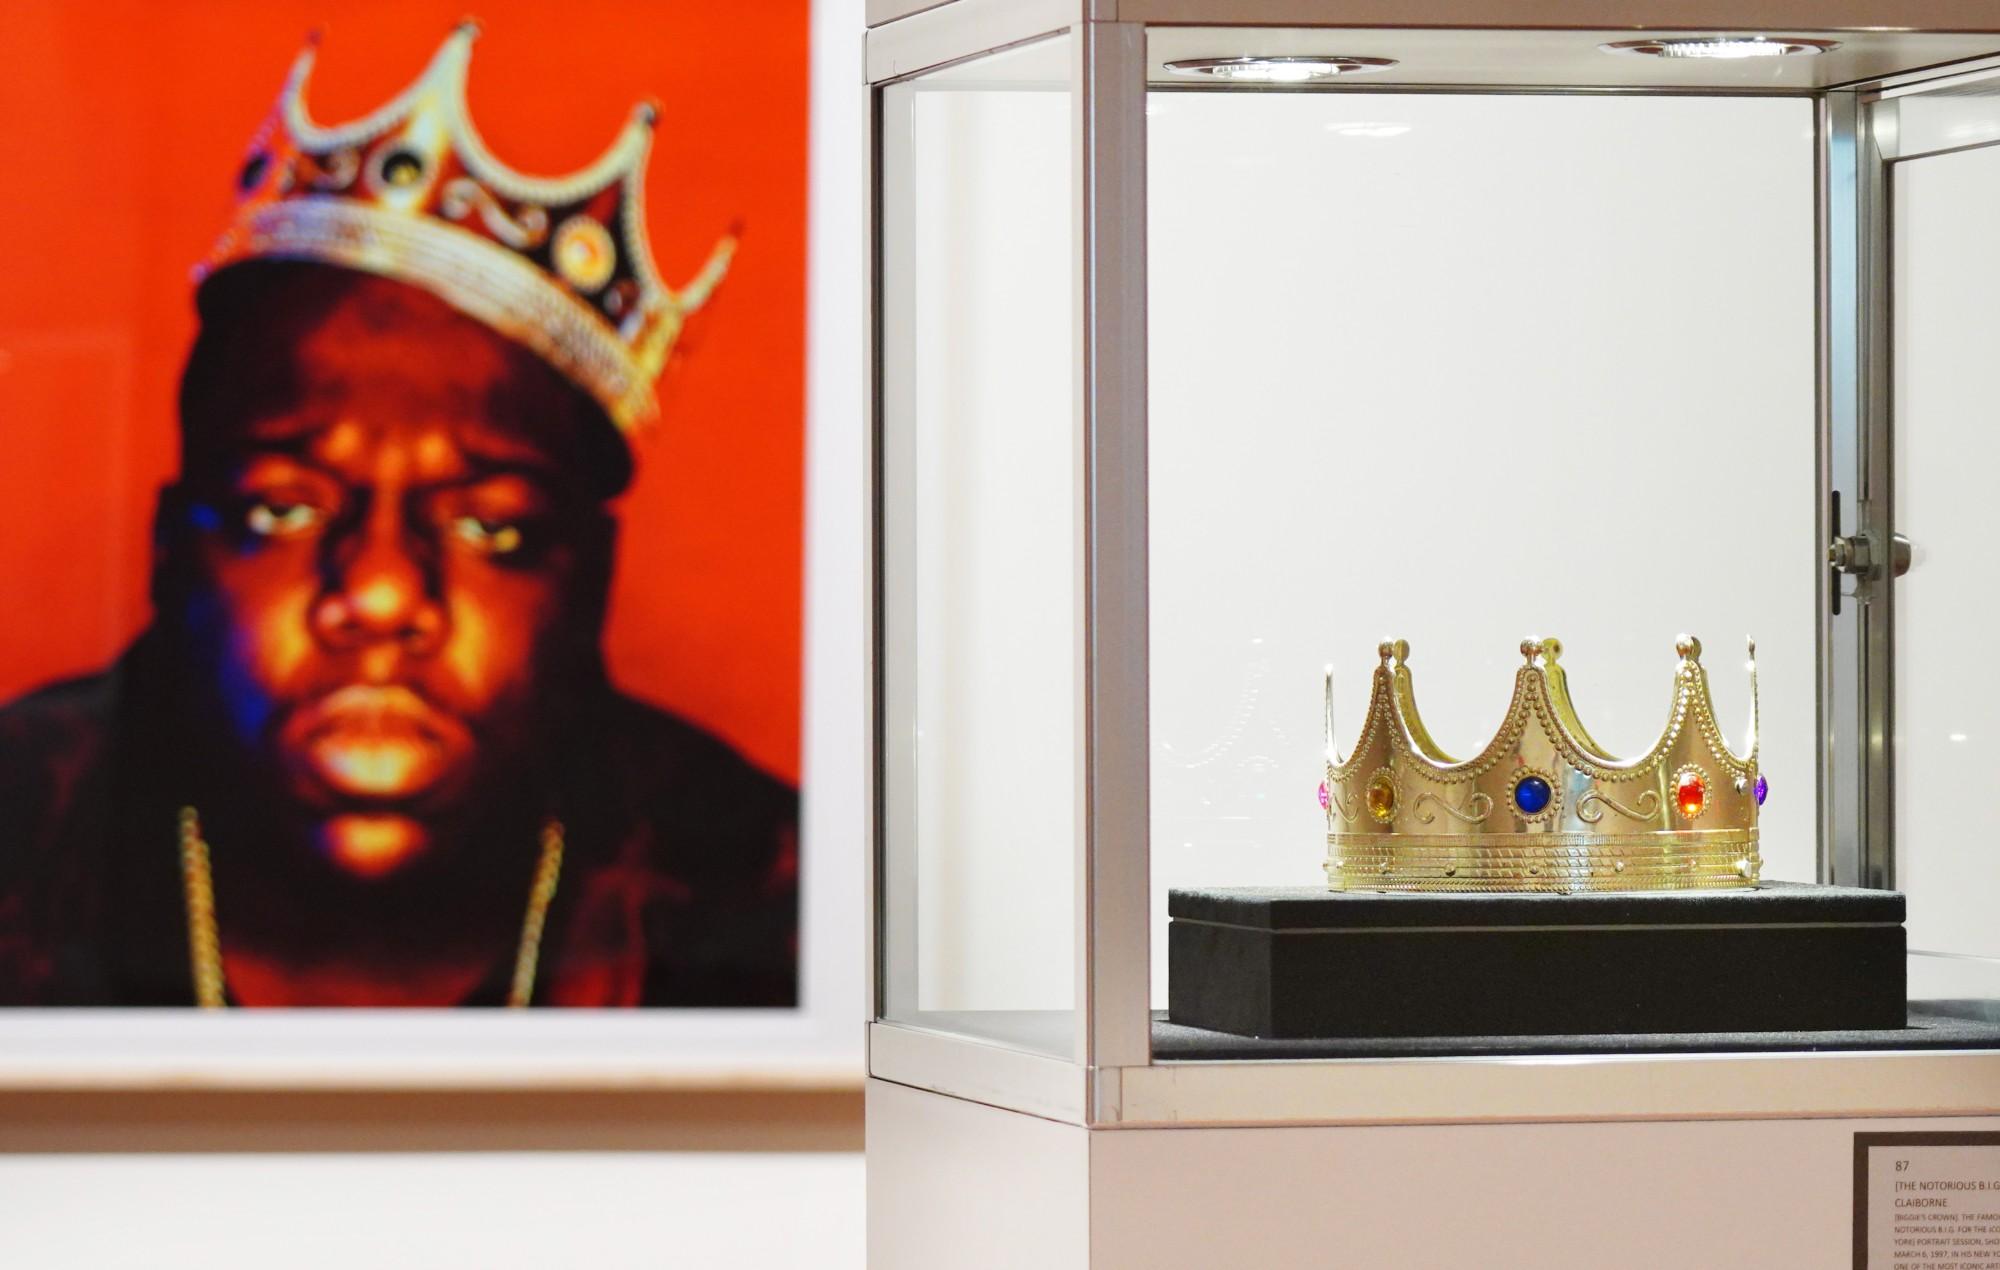 U vra 23 vite më parë, kurora plastike e Notorious BIG thyen rekord shitjeje